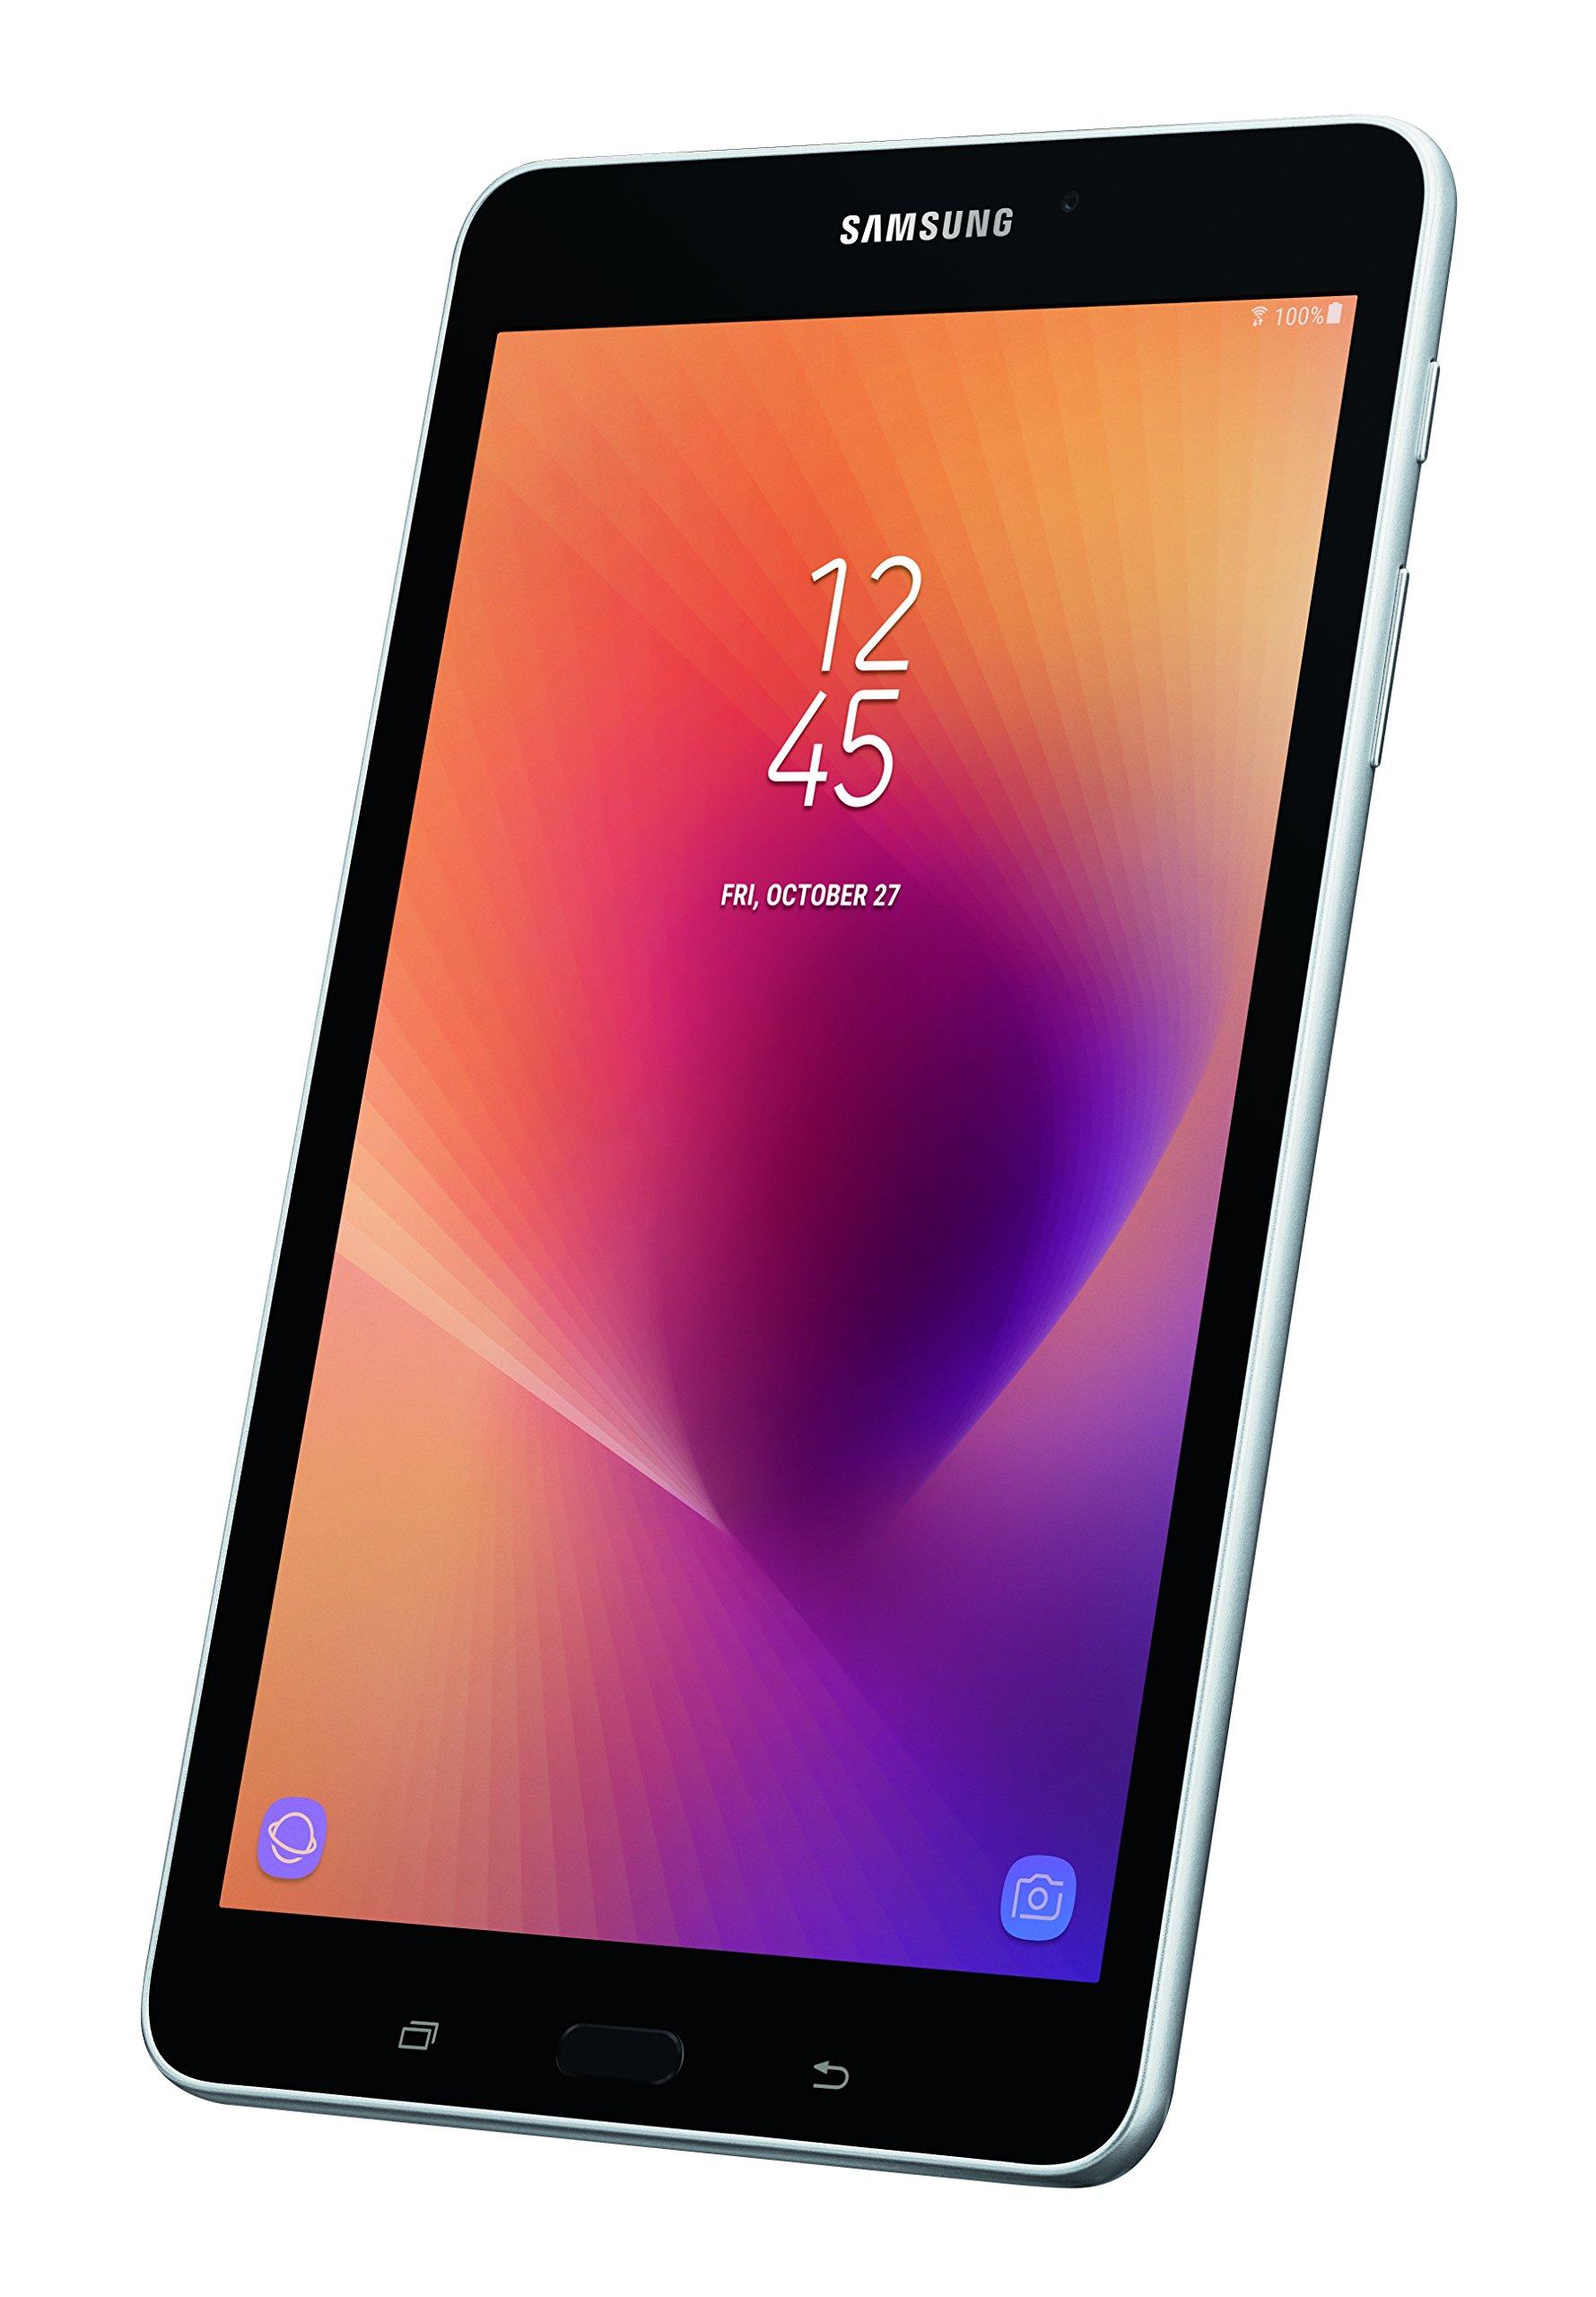 Samsung Galaxy Tab A 8'' 32 GB Wifi Tablet (Silver) - SM-T380NZSEXAR by Samsung